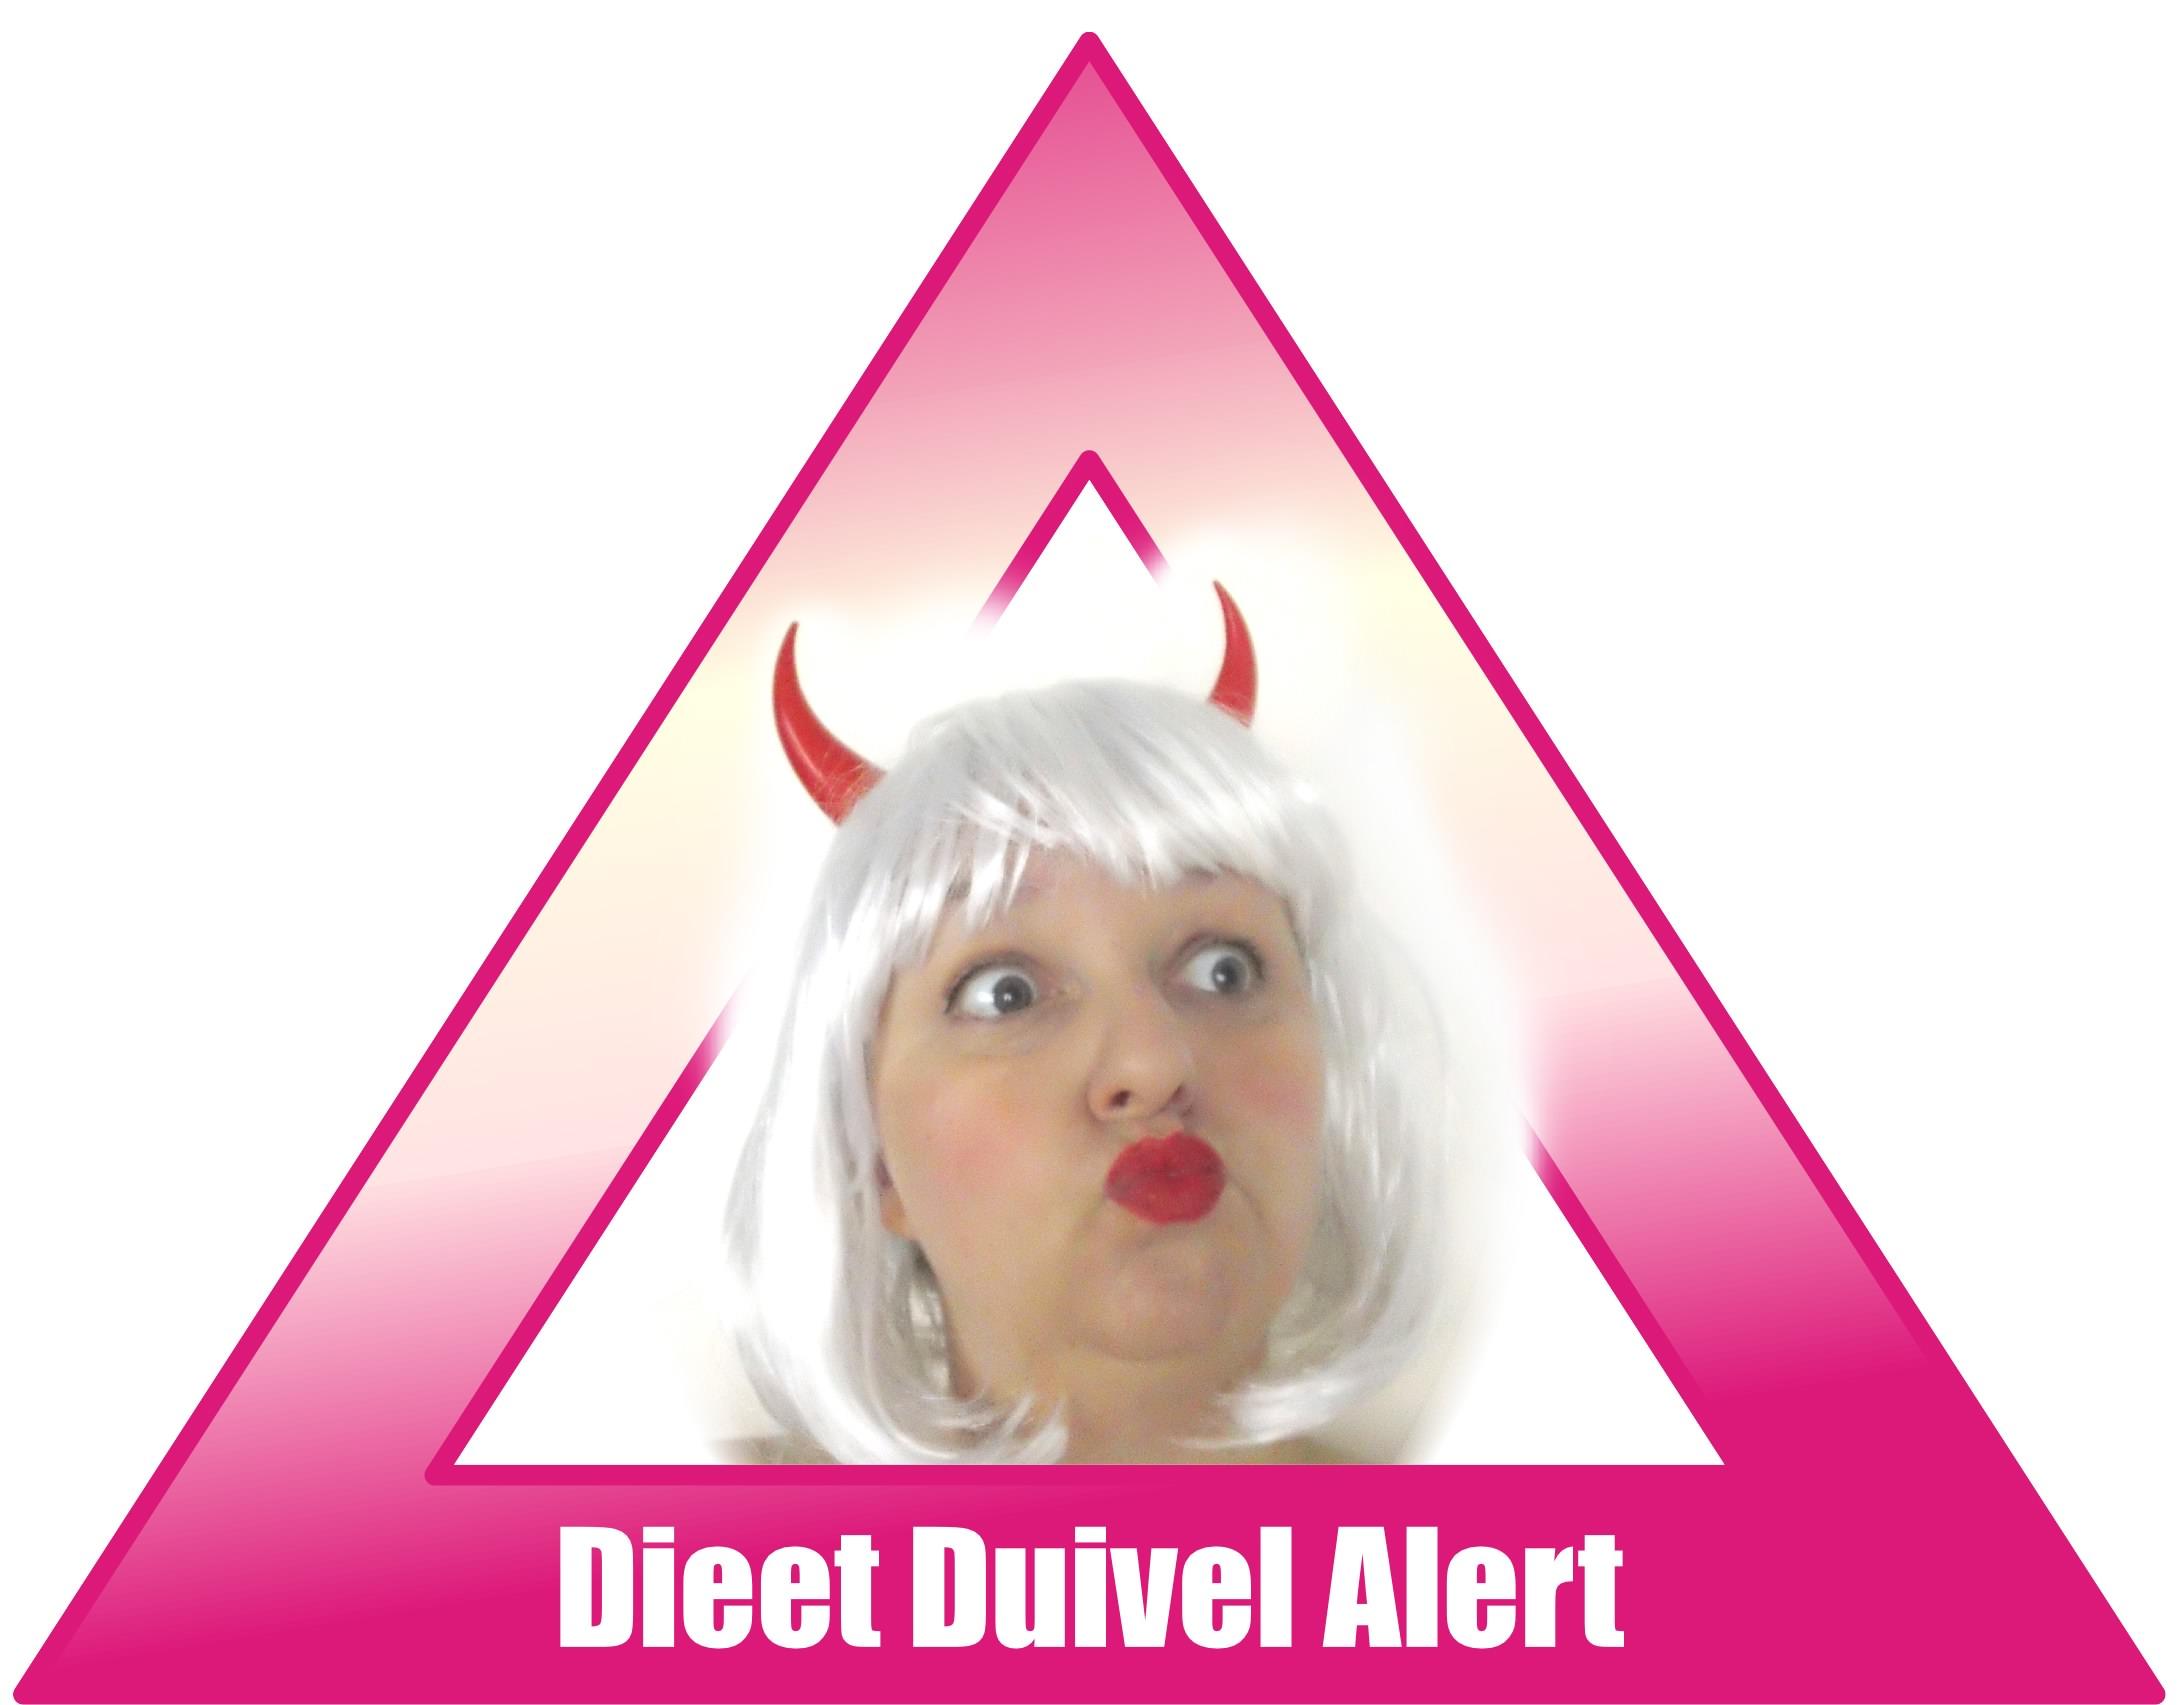 DieetDuivelAlert